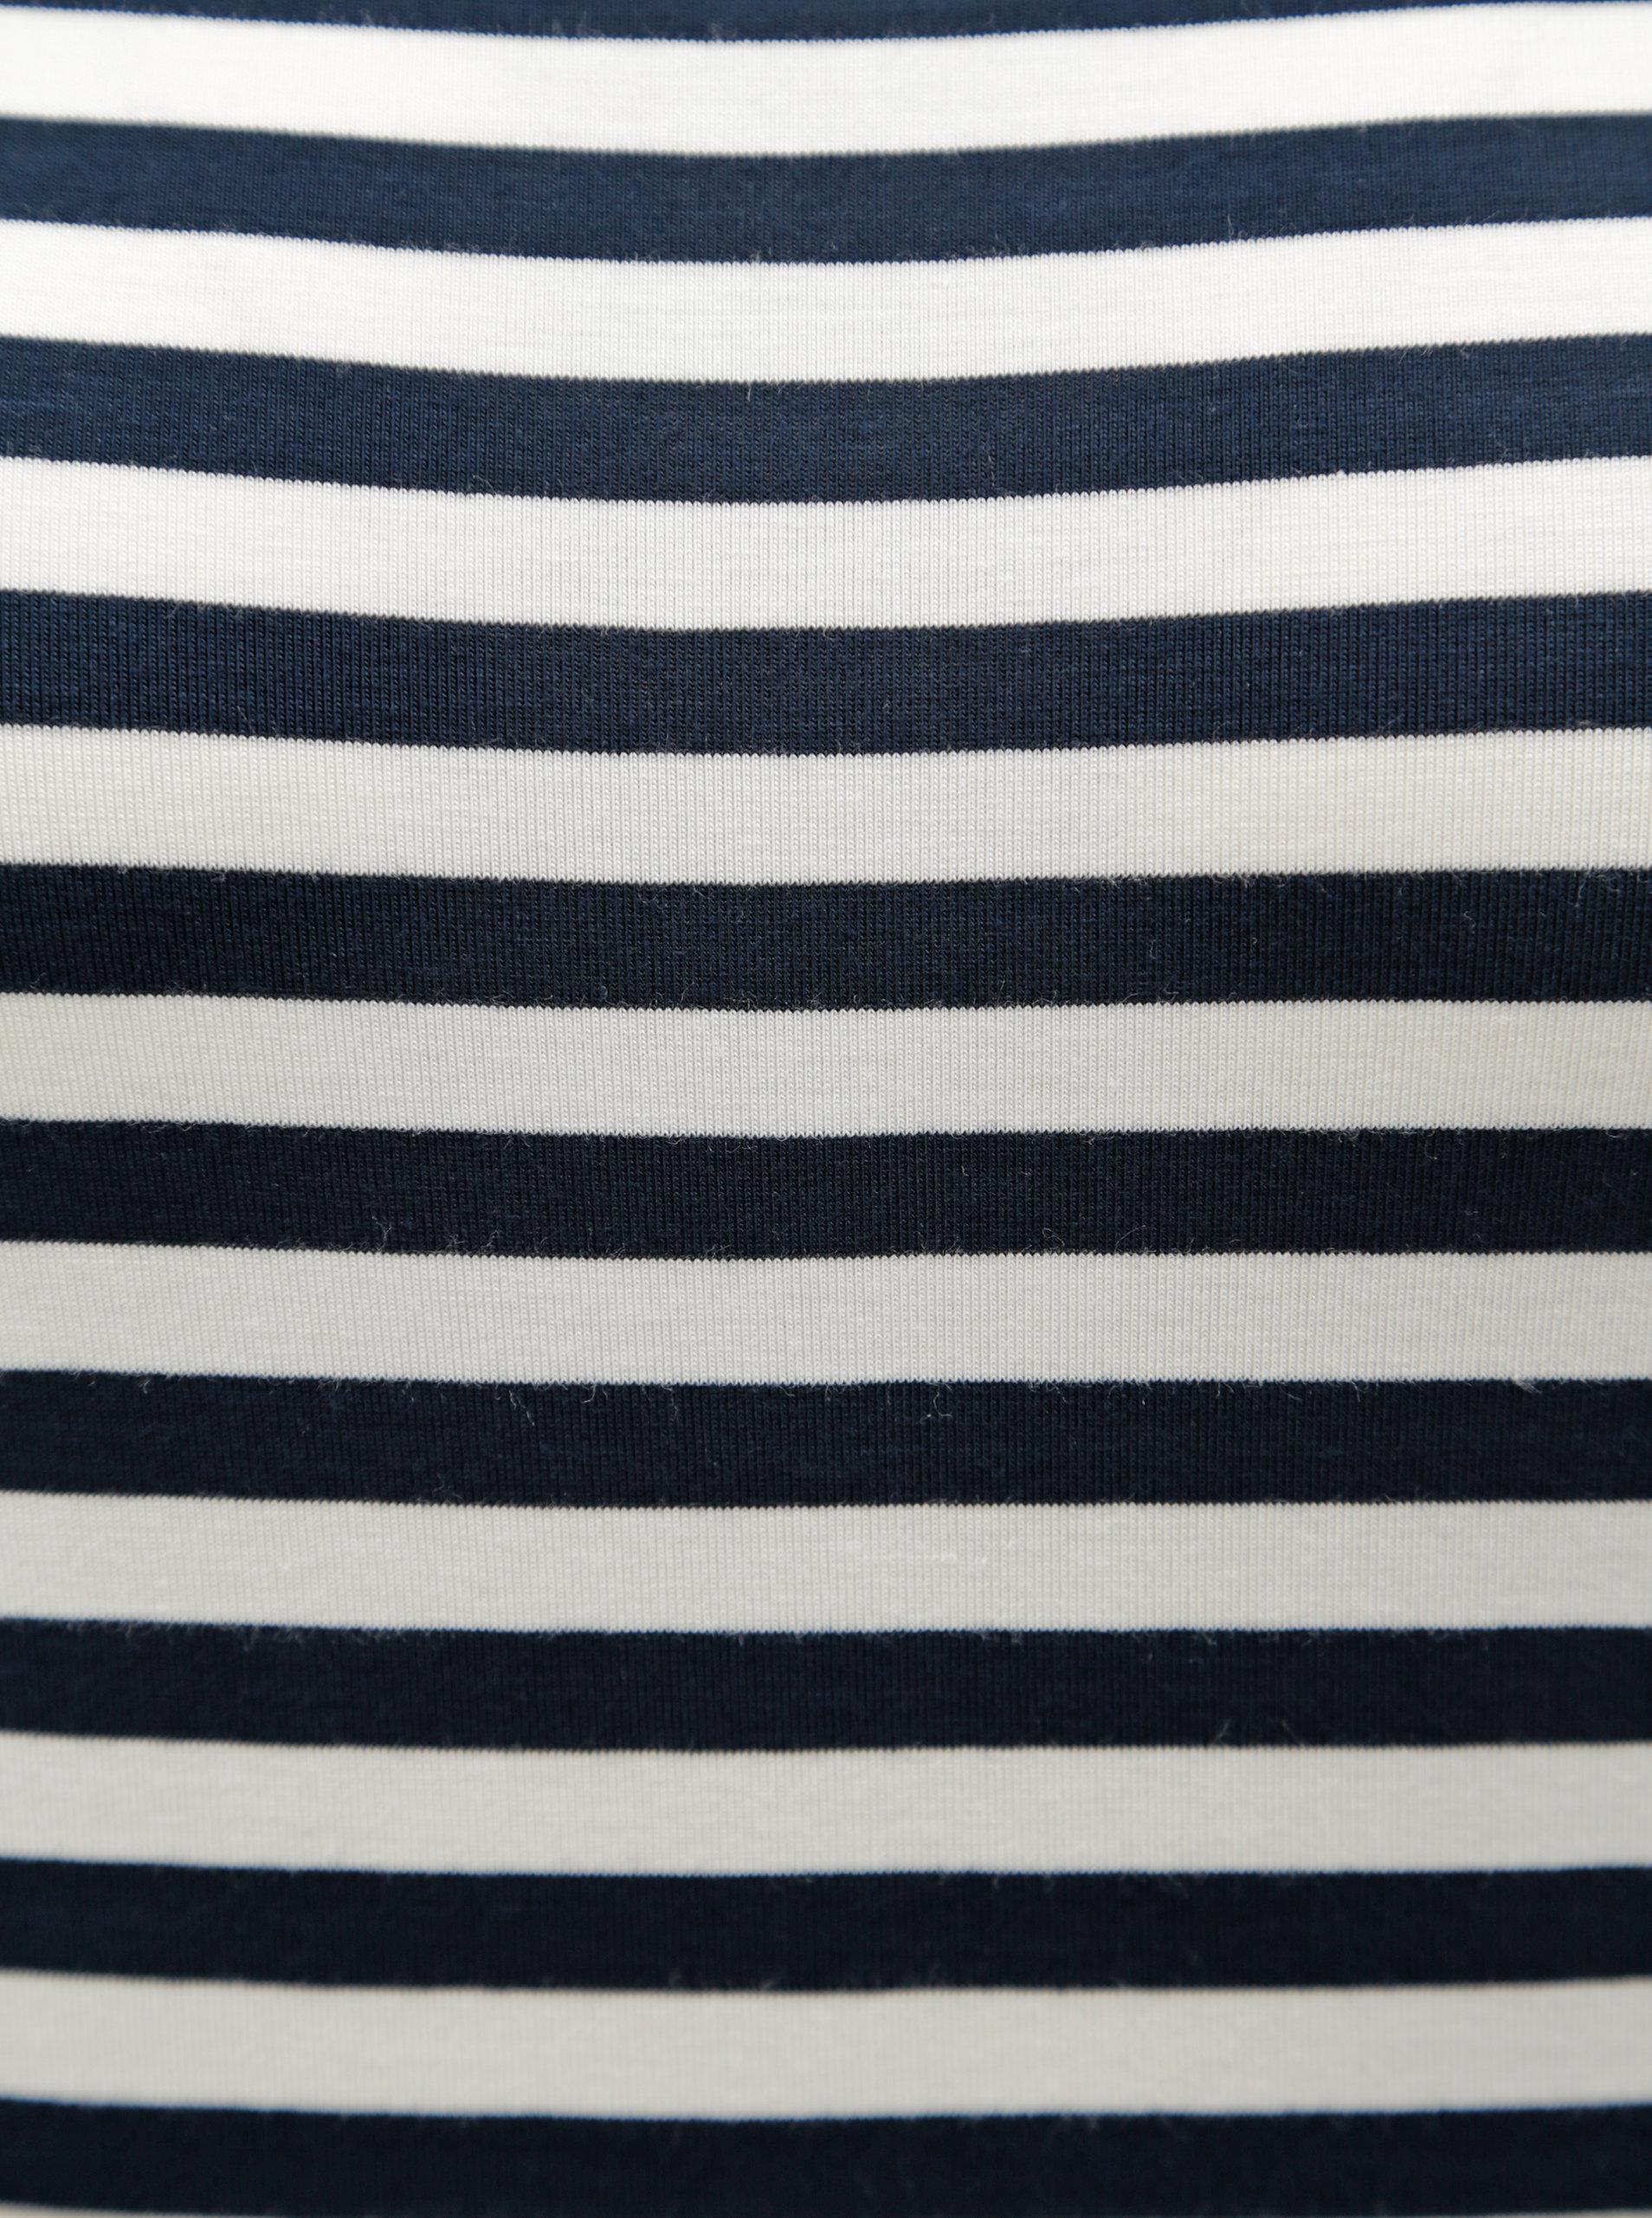 Bielo-modré dámske pruhované tričko s 3 4 rukávom Tommy Hilfiger ... 6f949984833